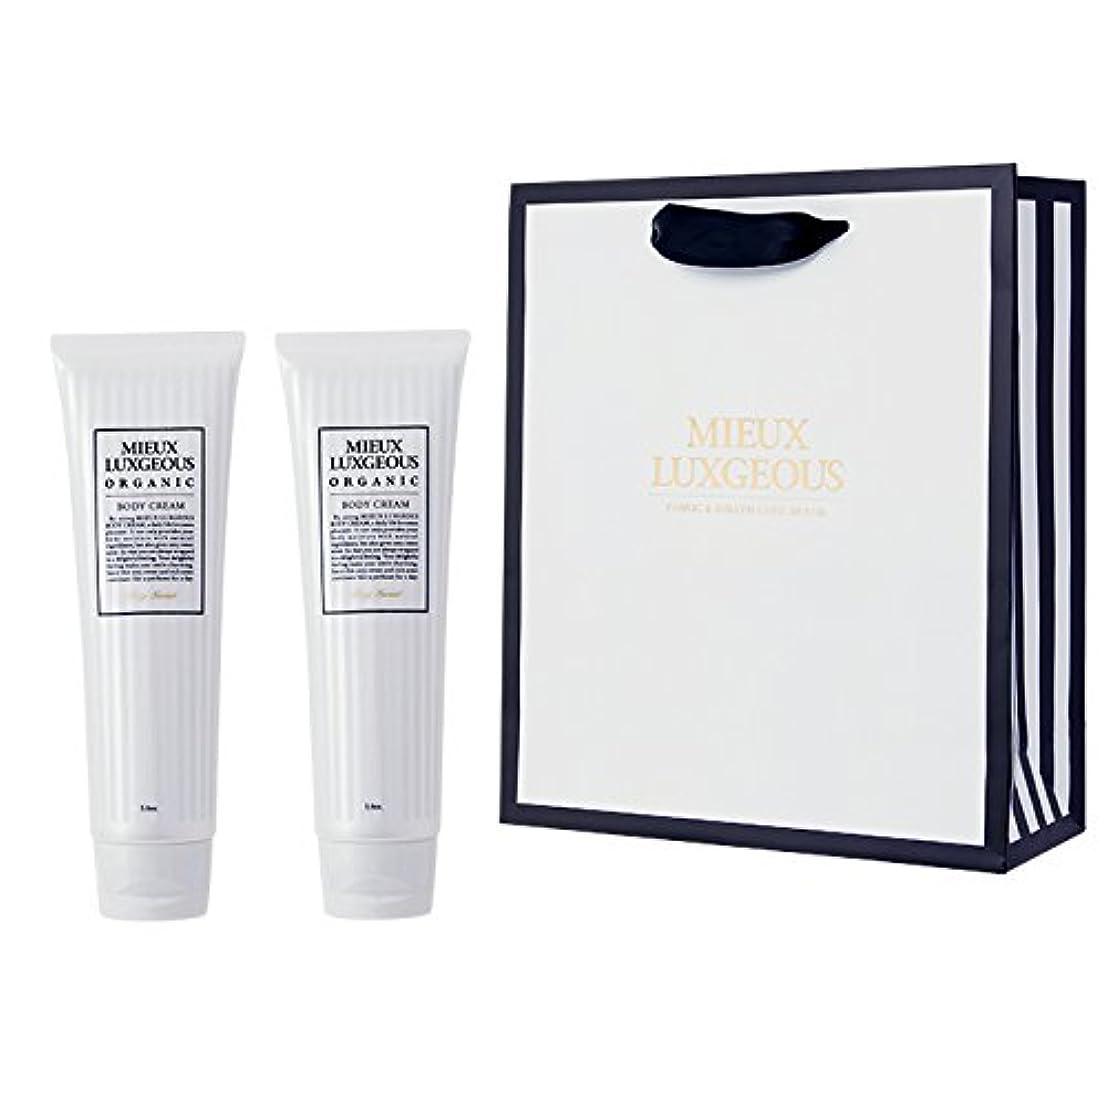 たまに入場現代ミューラグジャス Body Cream 2本set with Paperbag02